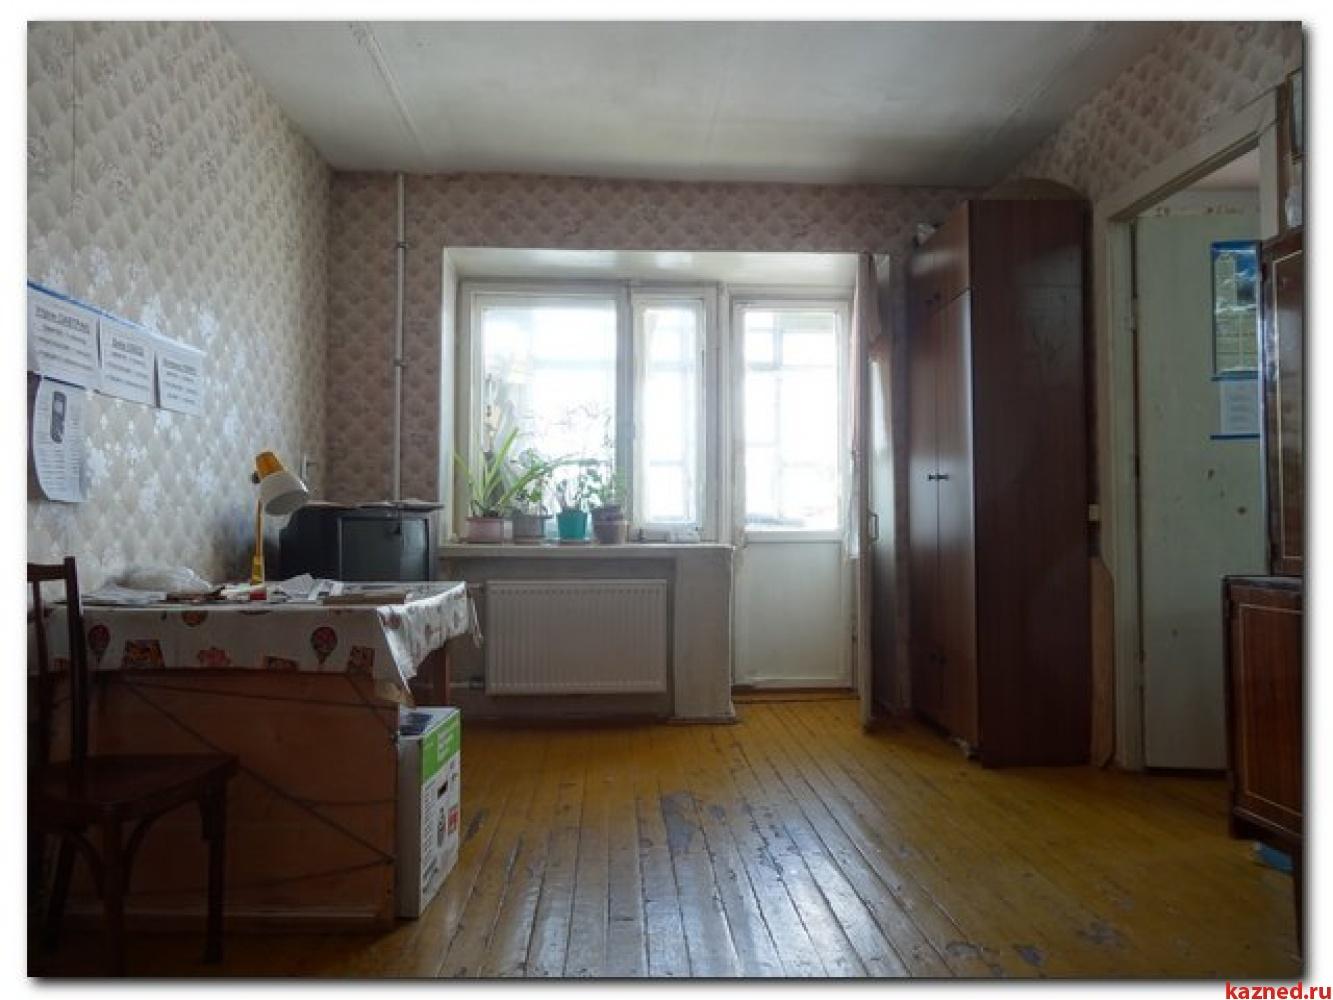 Продажа 2-к квартиры Химиков,39, 46 м² (миниатюра №5)